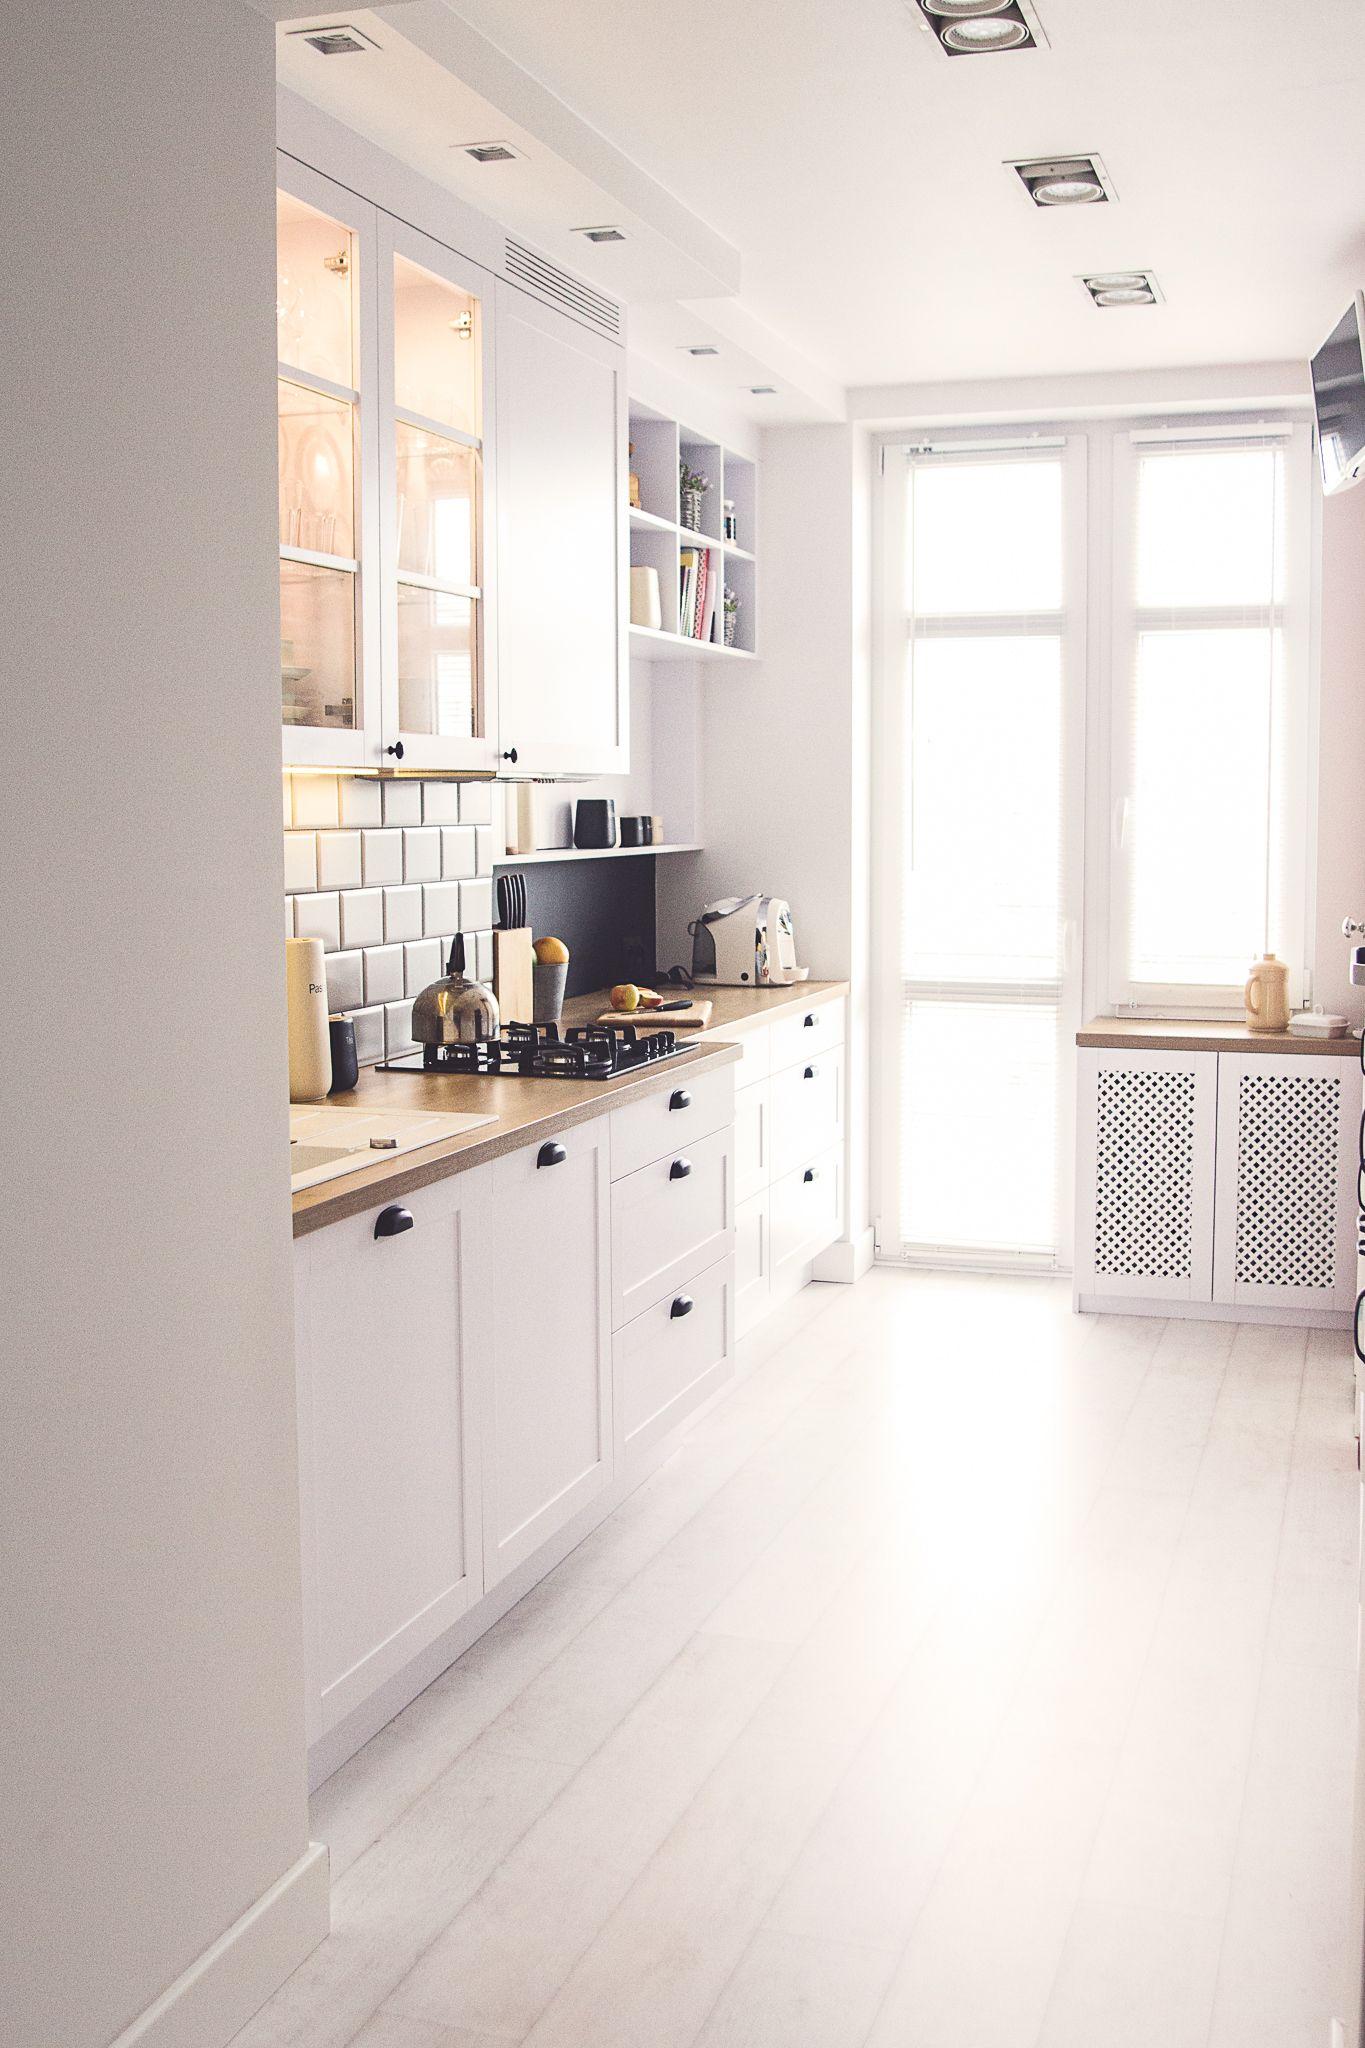 Mieszkanie W Starej Kamienicy Pln Design Kitchen Design Kitchen Inspirations Kitchen